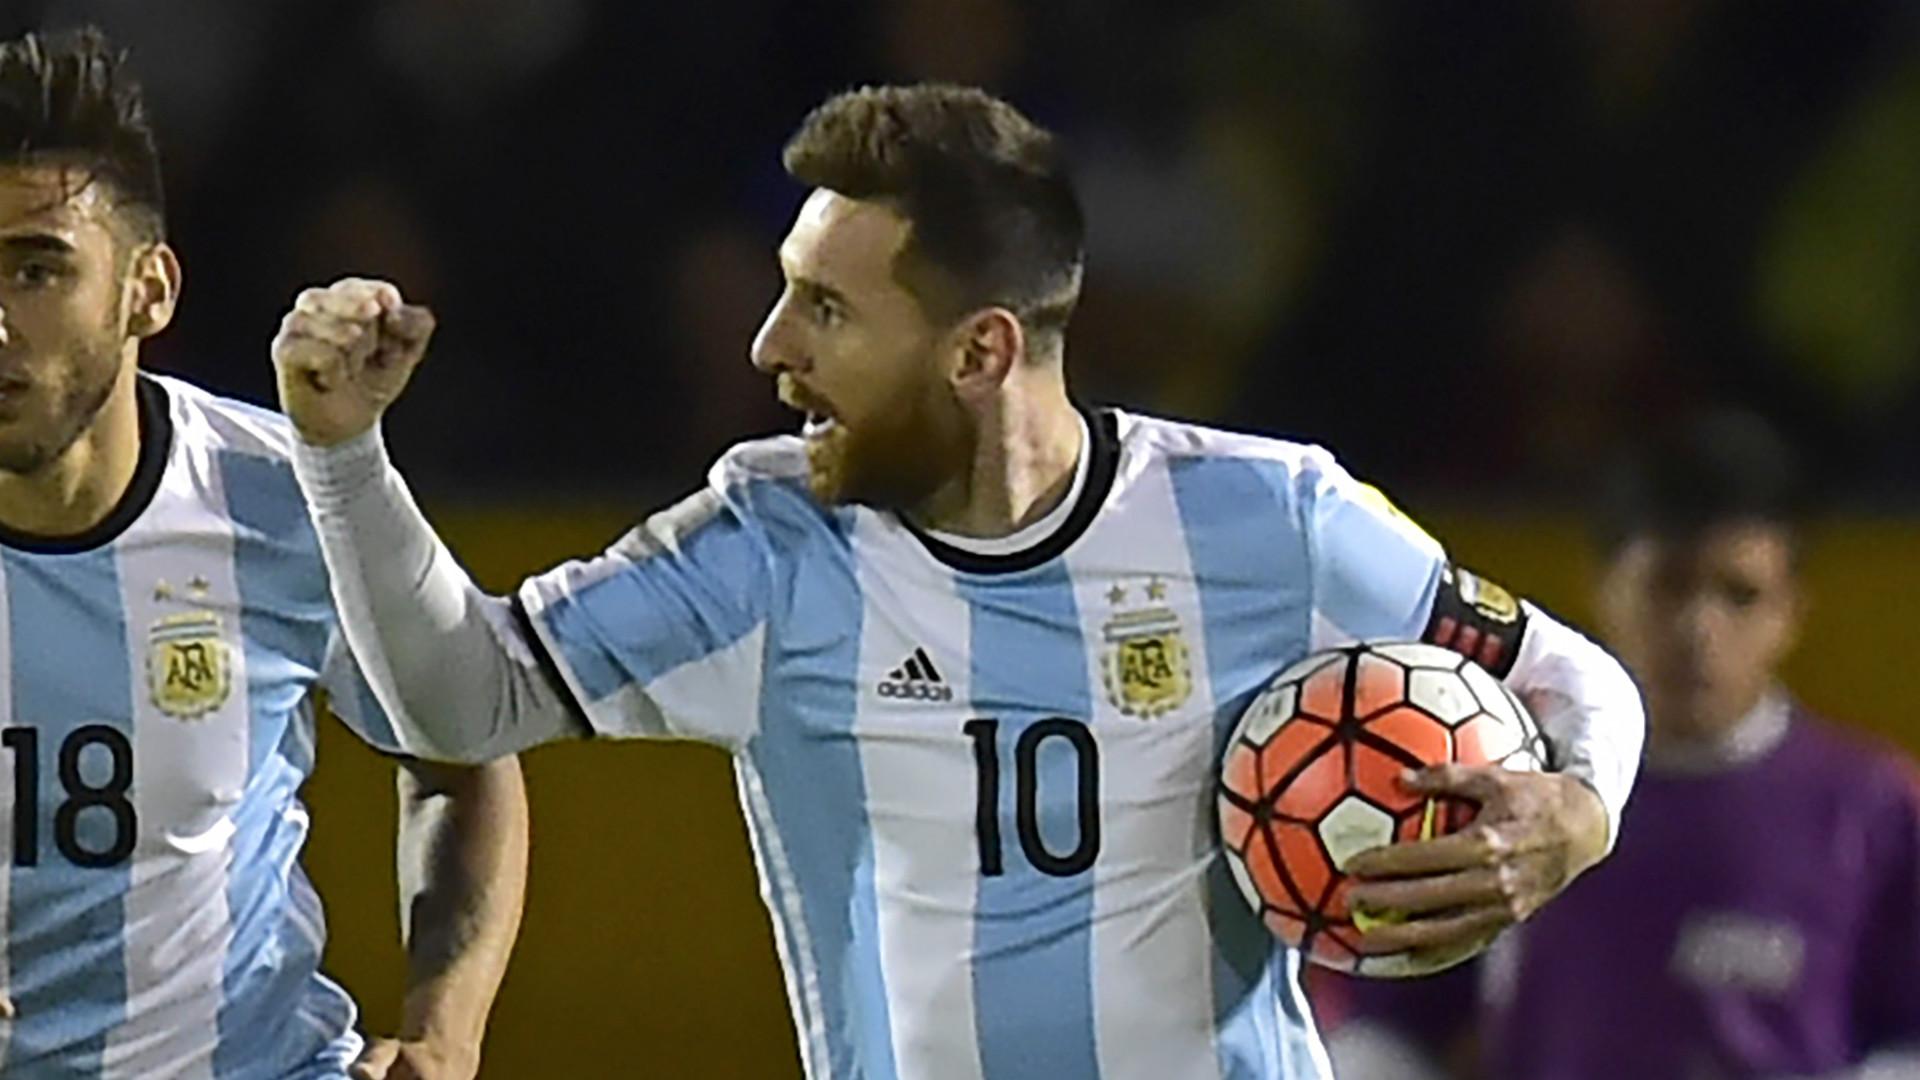 Lionel-messi-argentina_vmzruhtttym81o5mz17xgt9tu